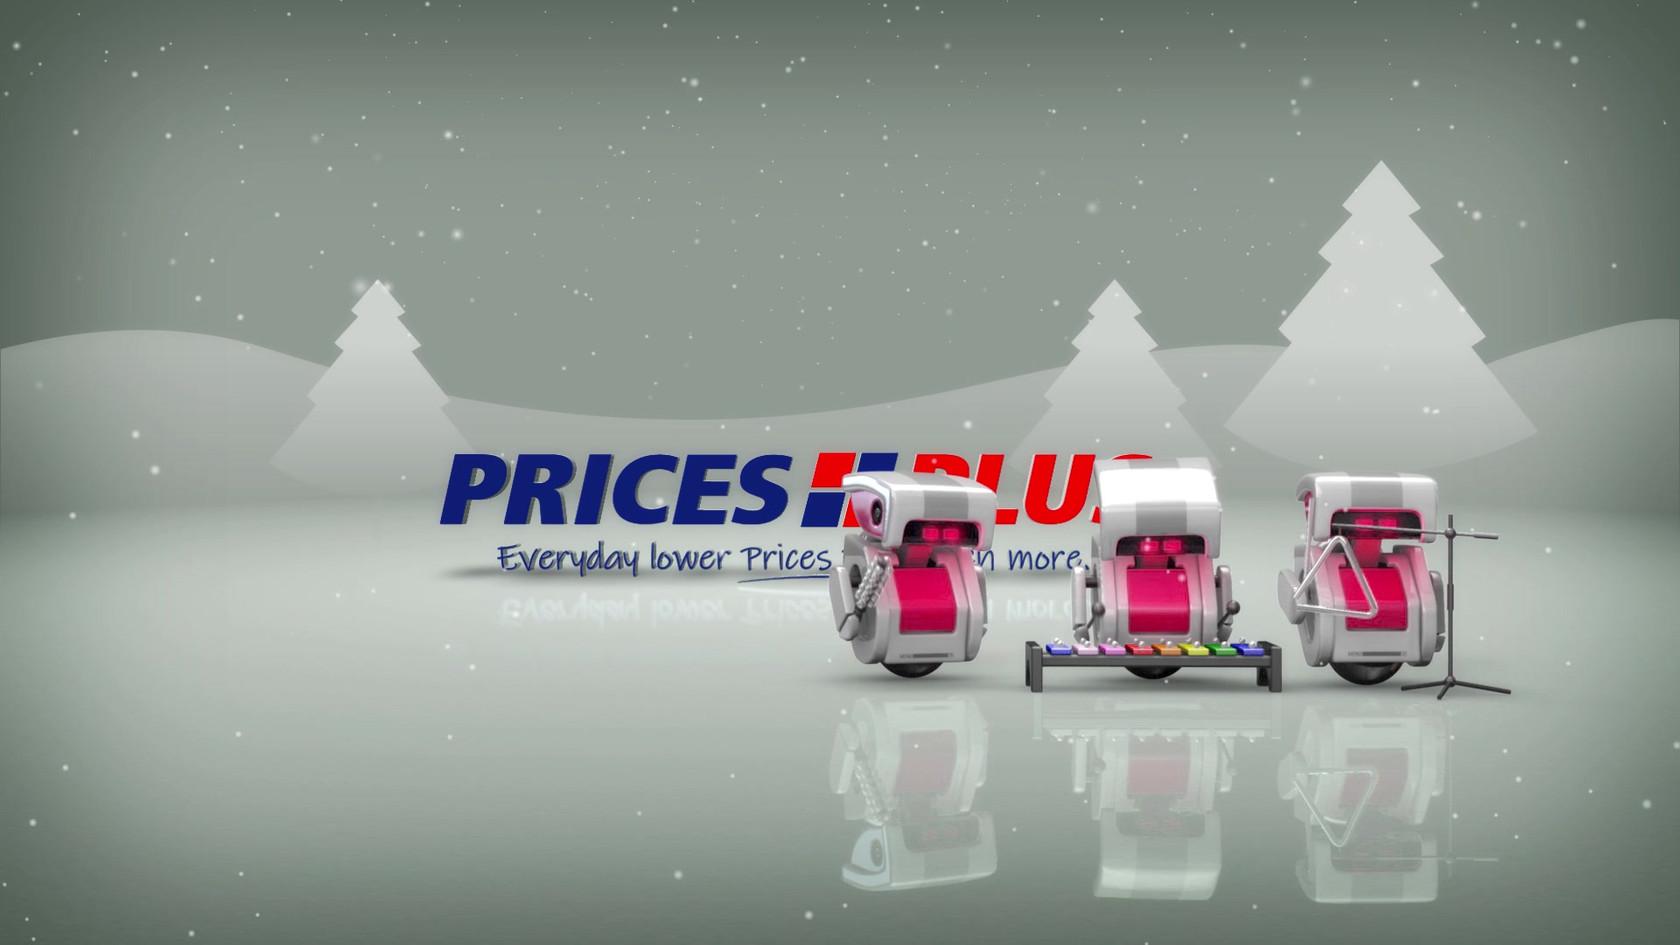 PricesPlusXmasRobots.mp4